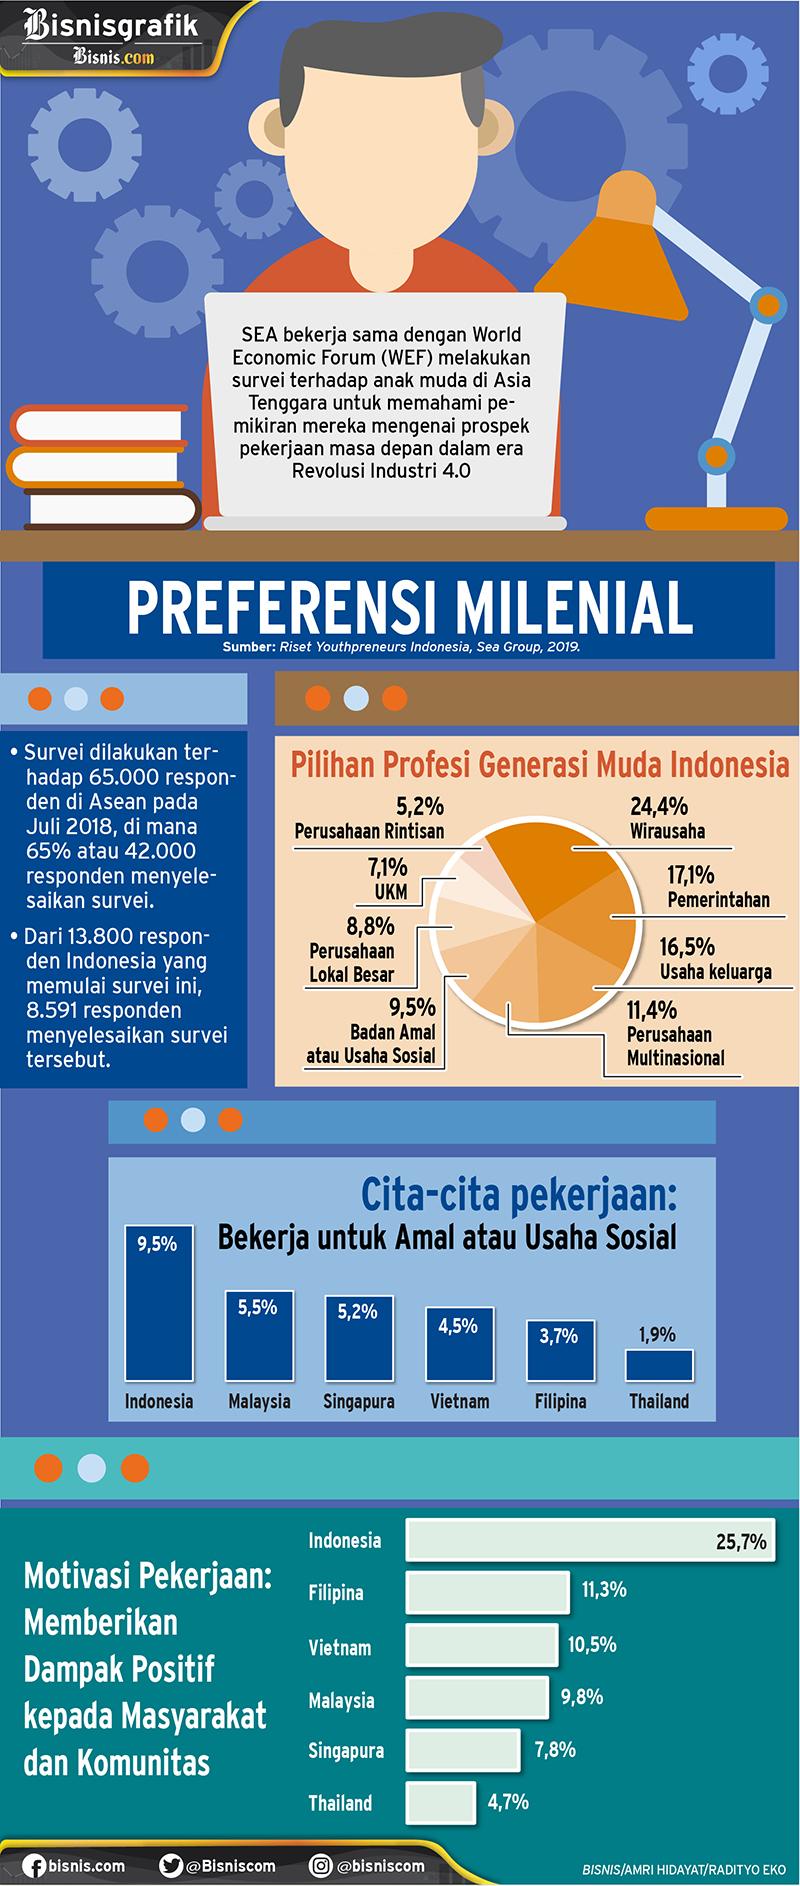 Pekerjaan yang dipilih generasi muda Indonesia./ Amri Hidayat  -  Radityo Eko